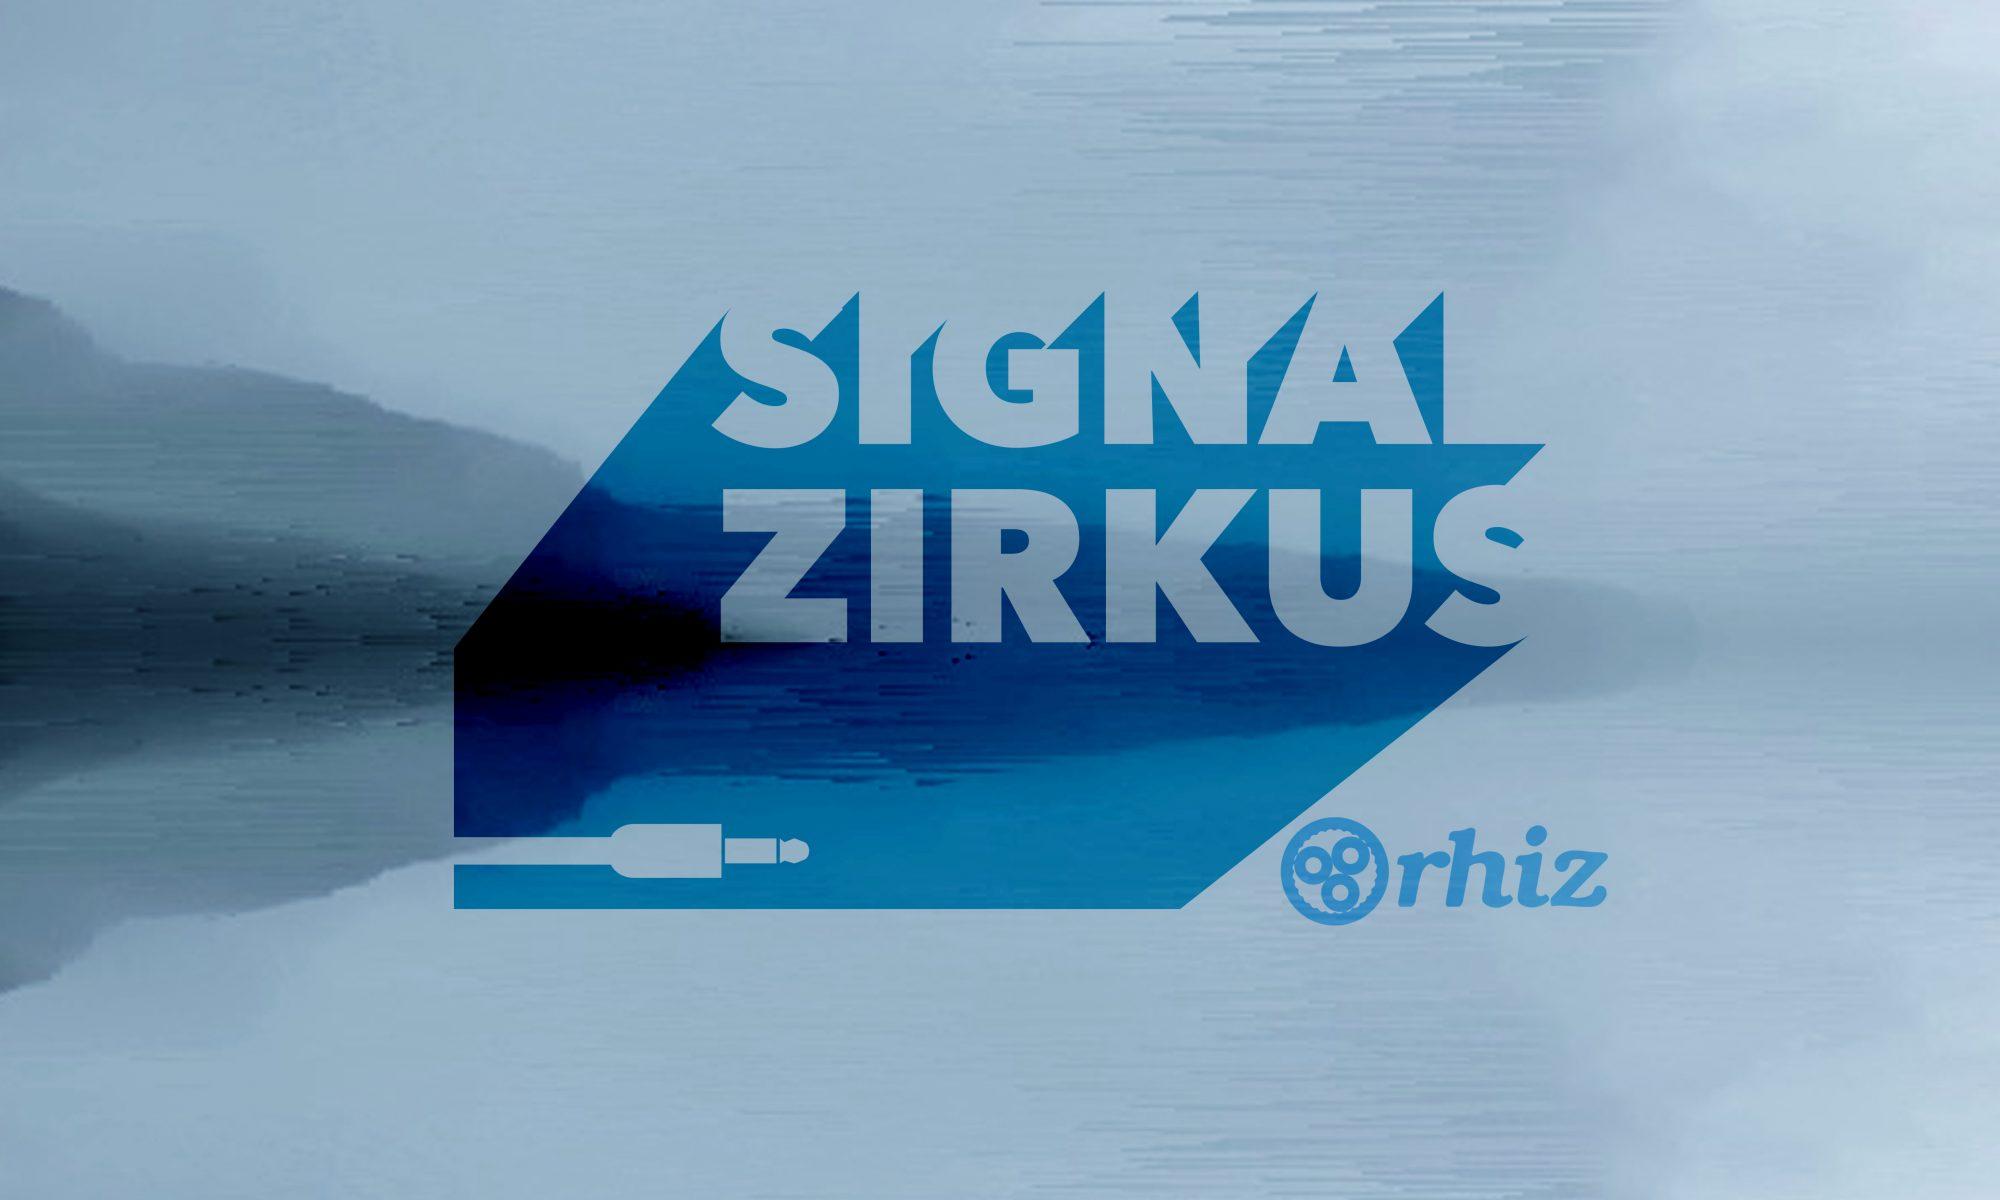 Signal Zirkus Nebelschwade 024